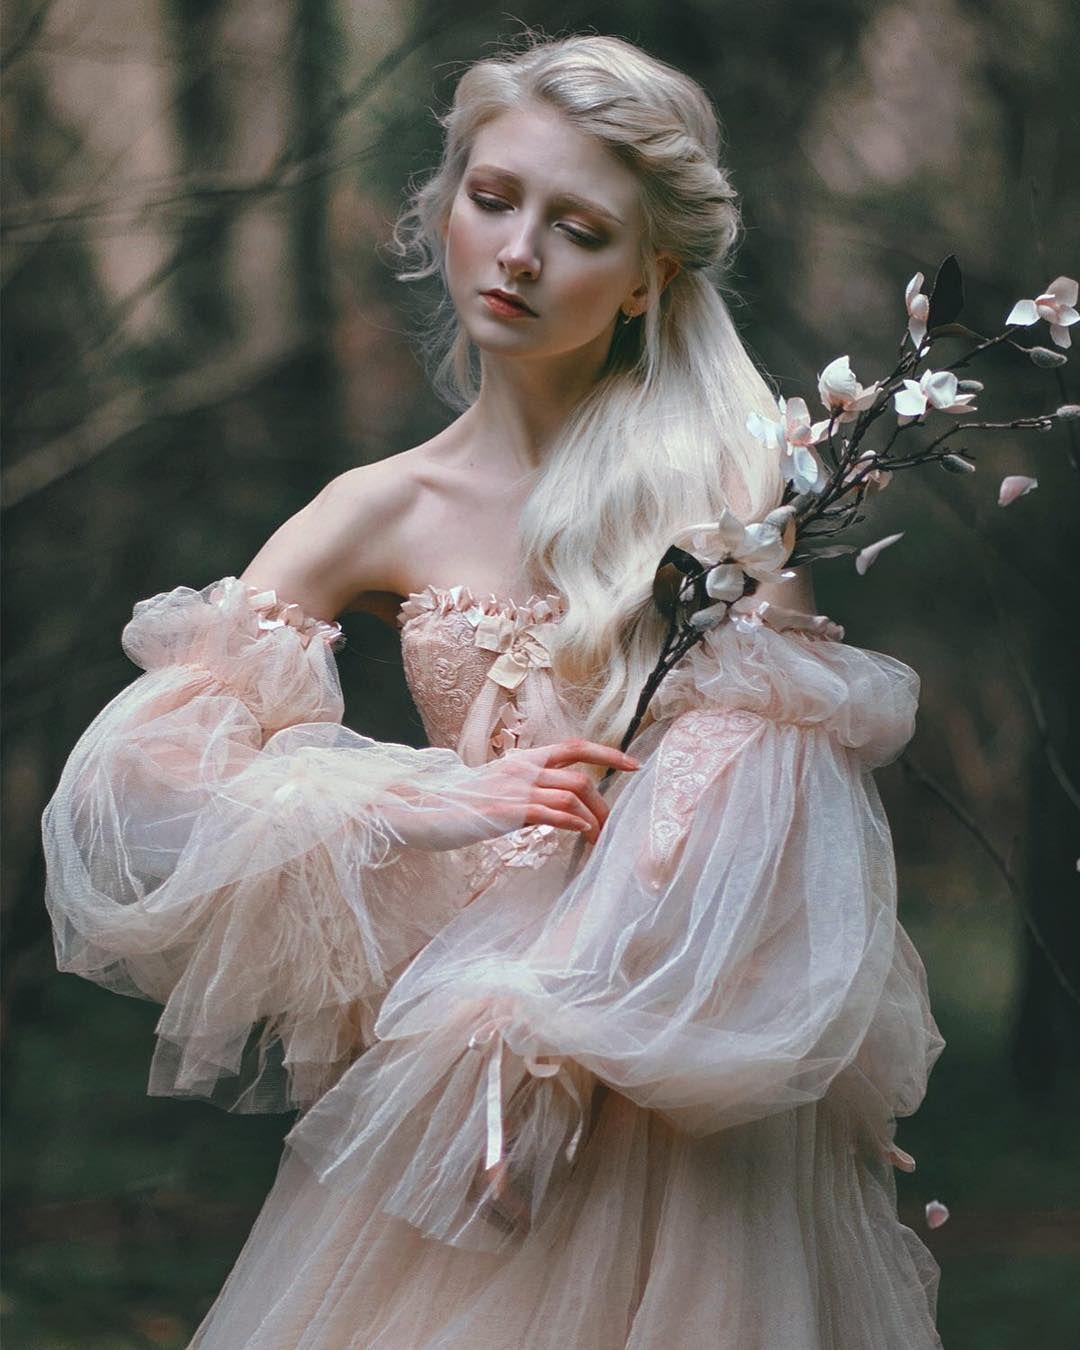 Diseñadora confecciona hermosos vestidos de novia inspirados en la década de 1910